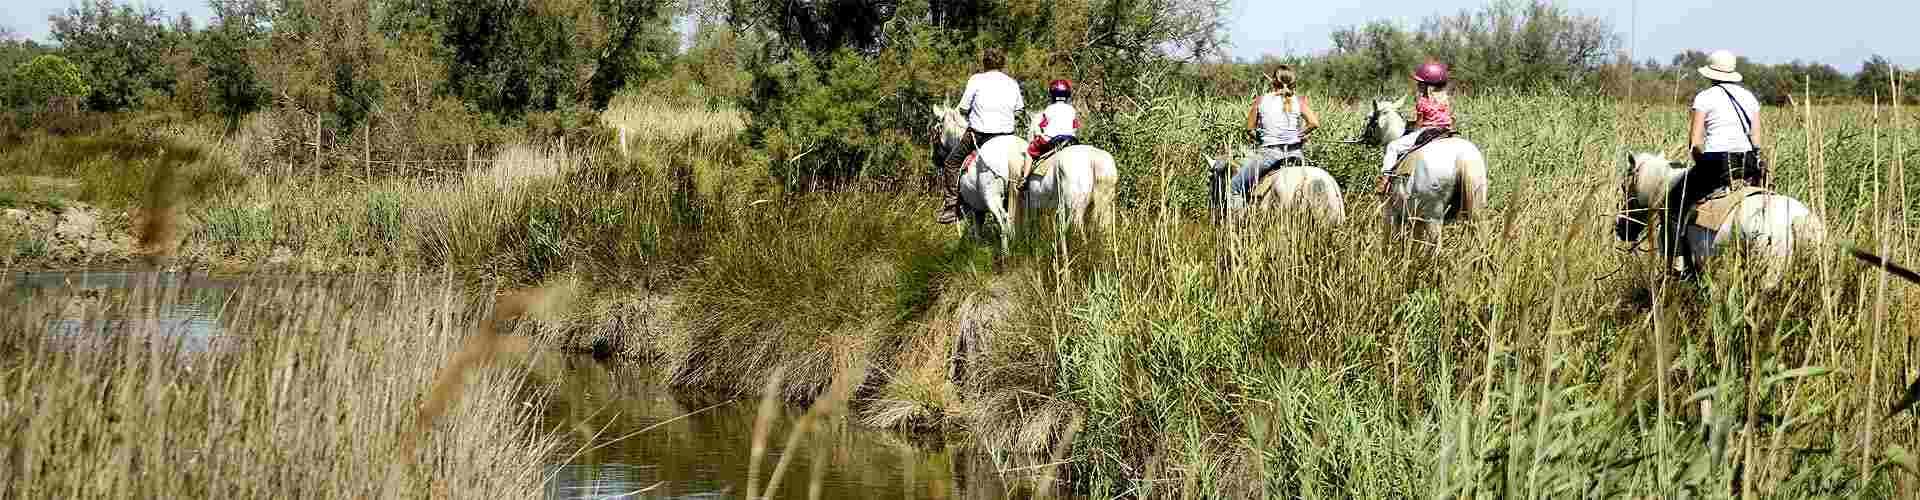 rutas en caballo en centrosdeportes de Navarredonda